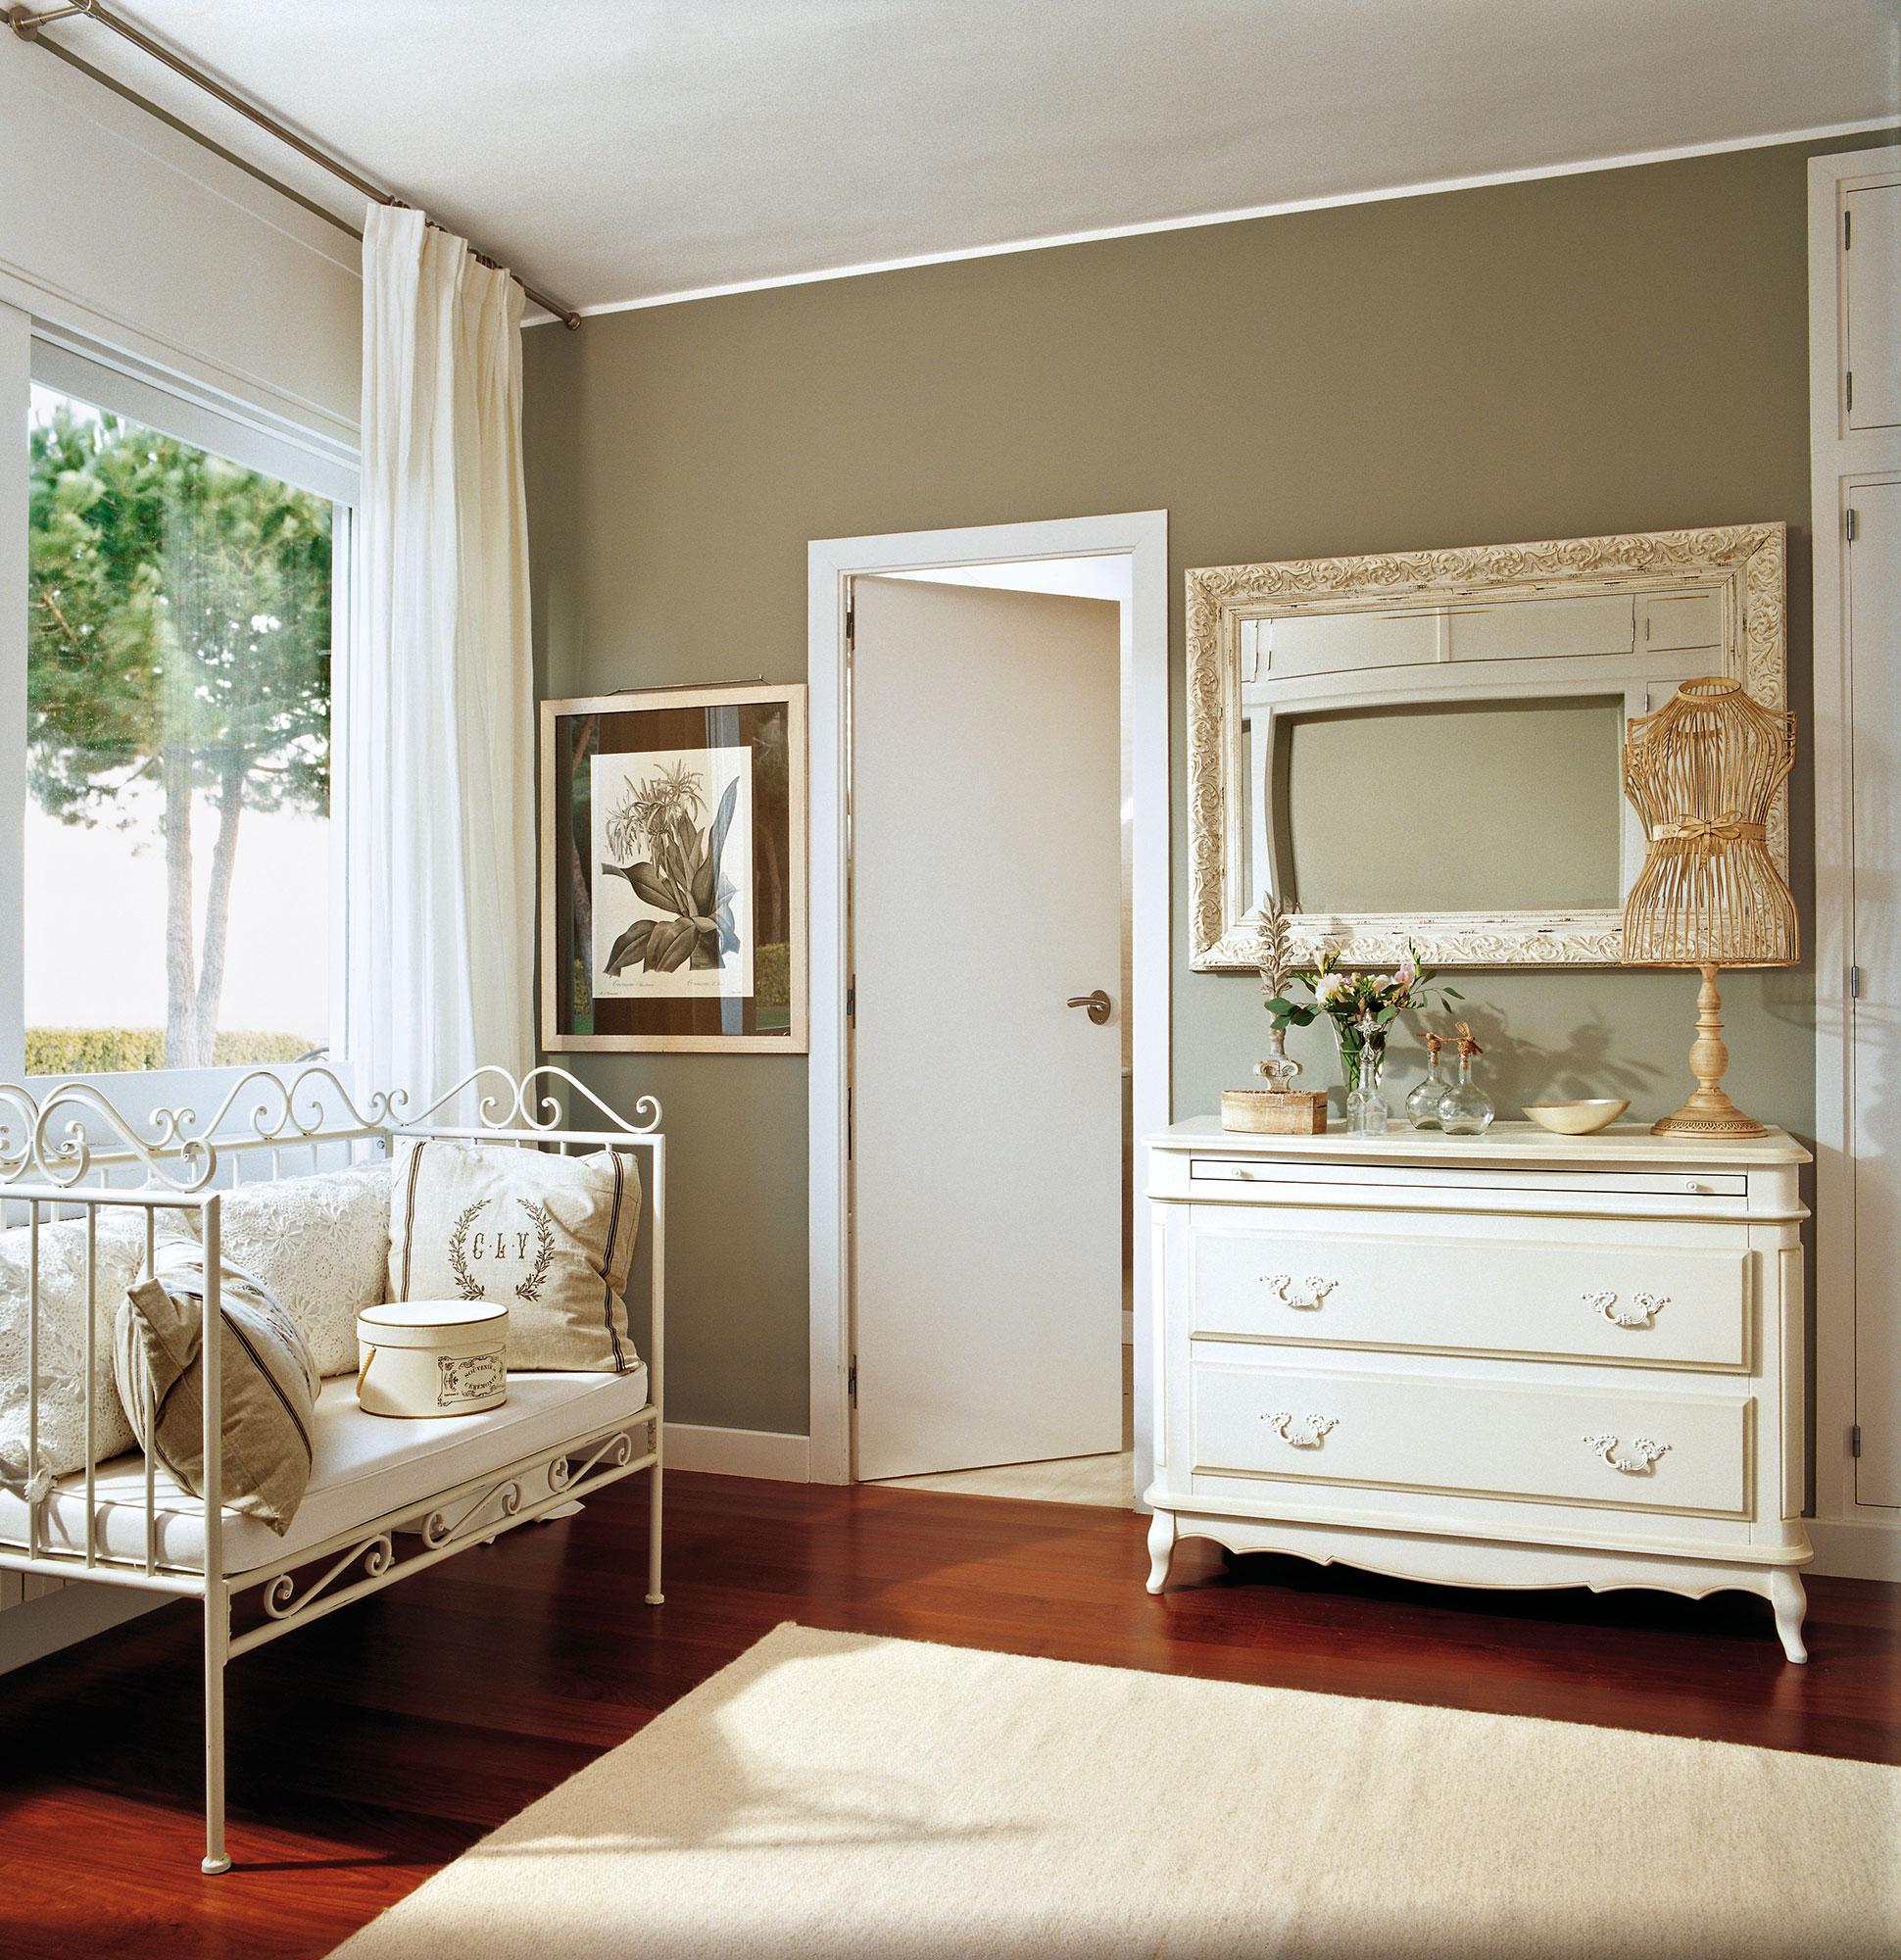 Como cambiar puertas interiores cambiar puertas - Cambiar puertas casa ...